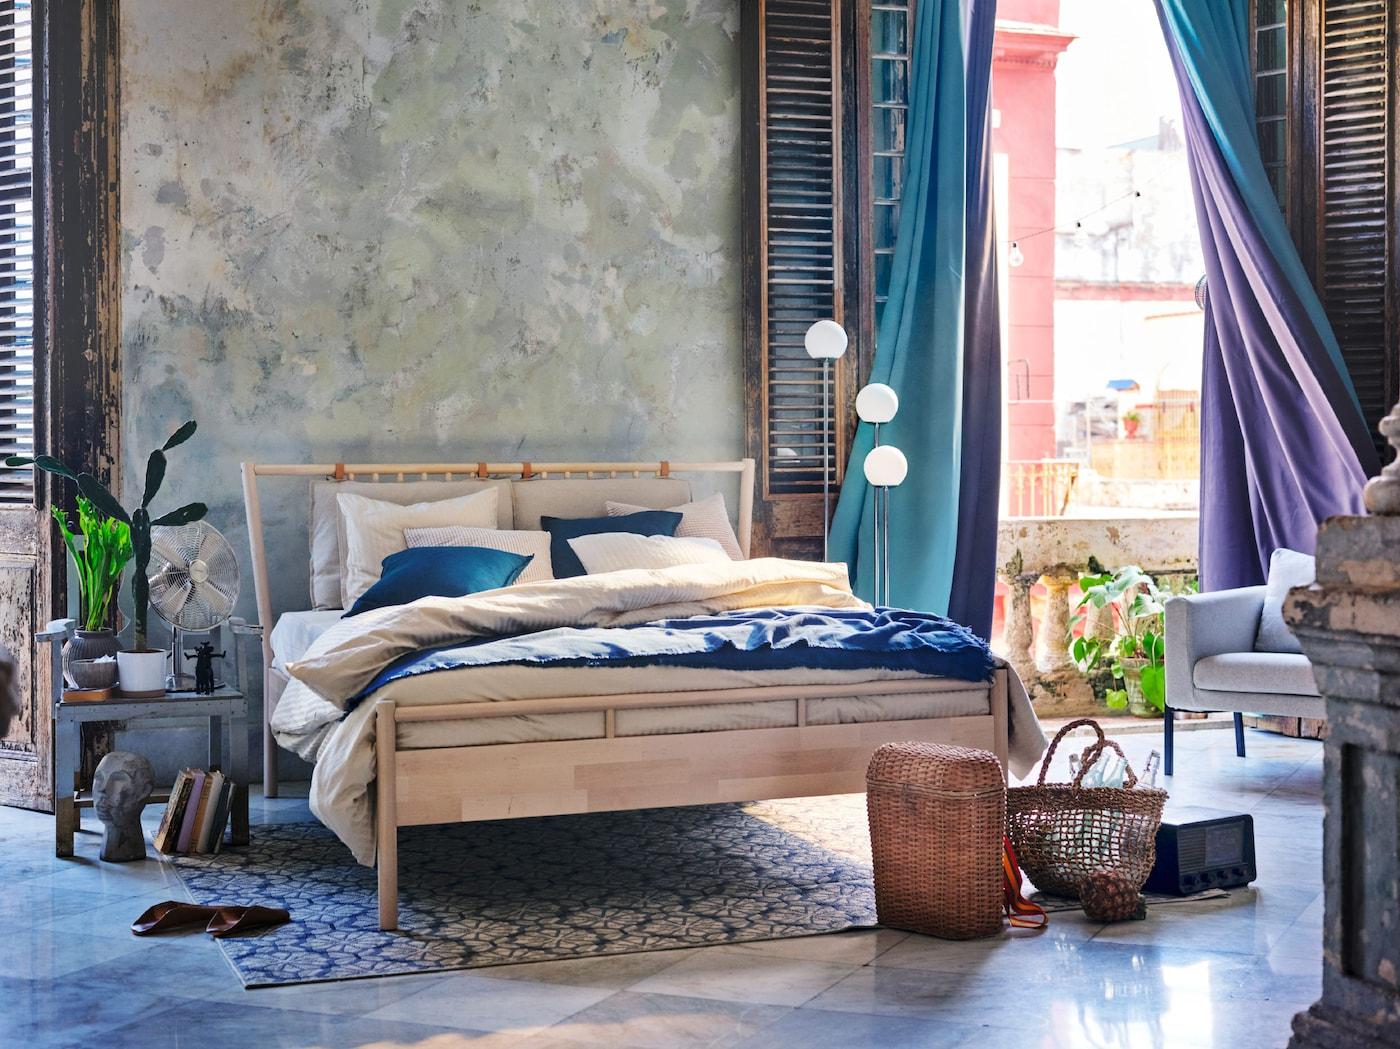 Niebieskoszara sypialnia z turkusowymi i fioletowymi zasłonami zaciemniającymi unoszonymi przez wiatr.